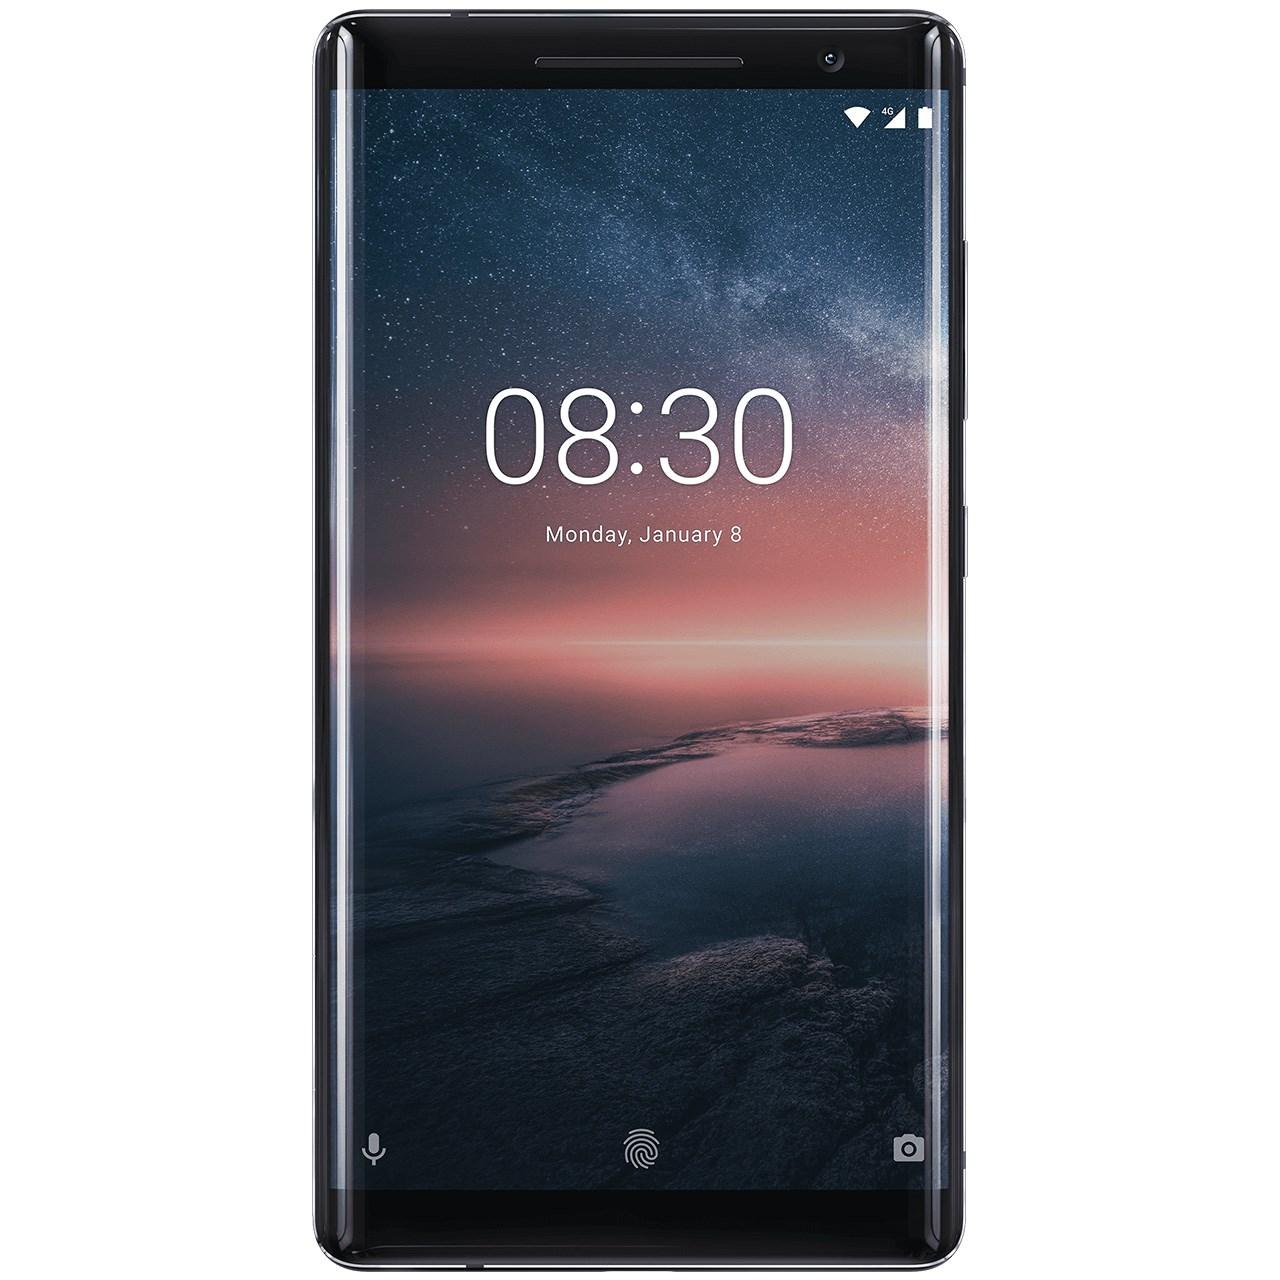 گوشی موبایل نوکیا مدل 8Sirocco ظرفیت 128 گیگابایت | Nokia 8 Sirocco 128GB Mobile Phone